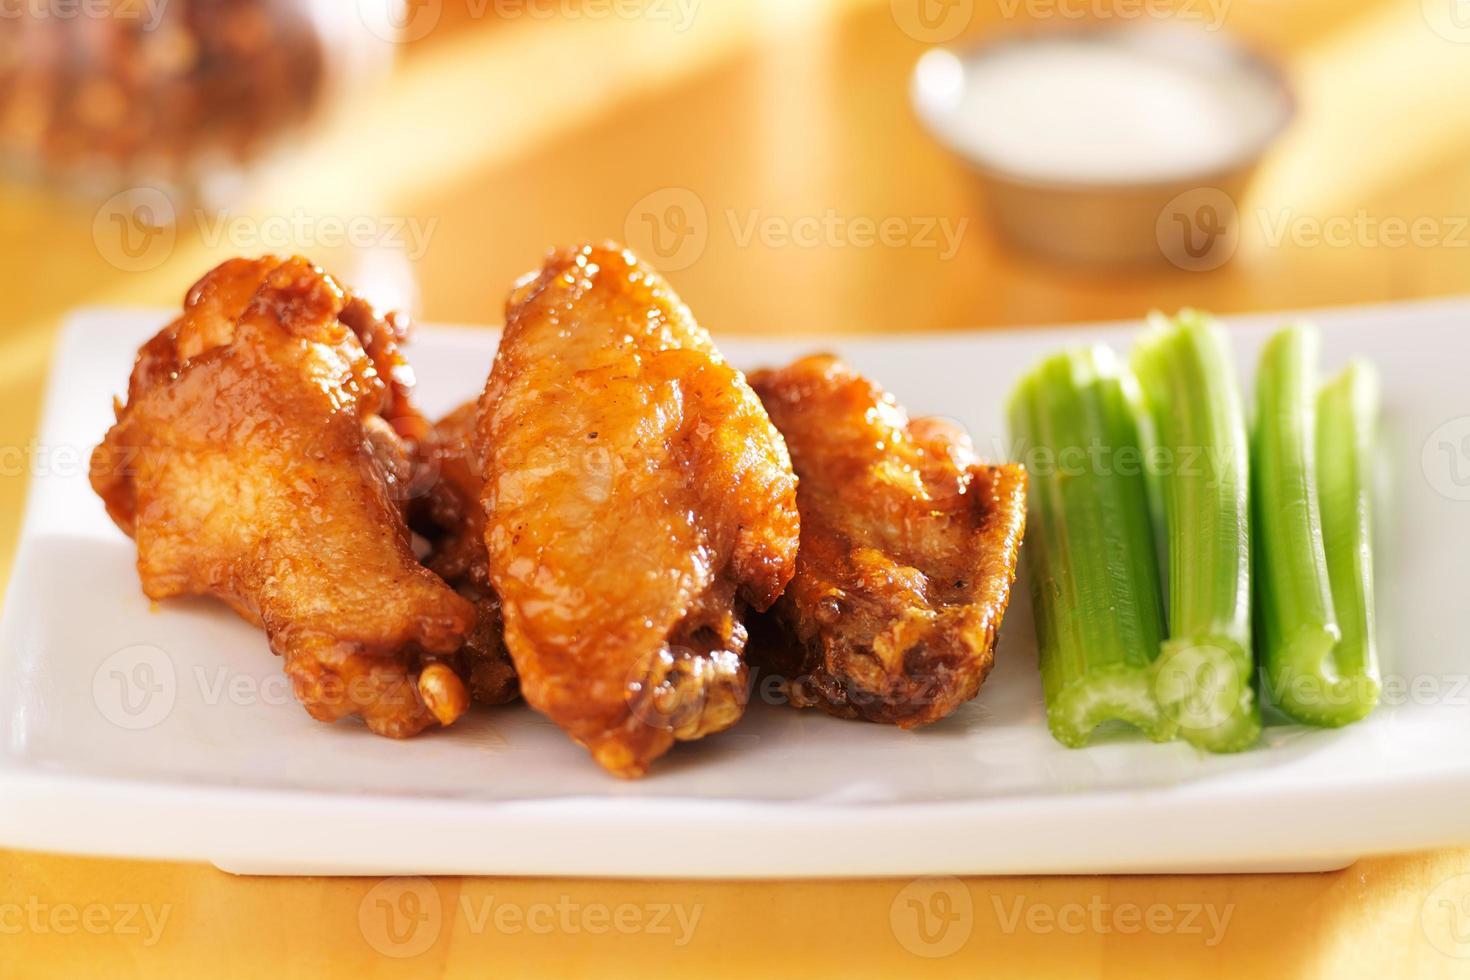 alitas de pollo a la barbacoa con salsa de apio y apio foto